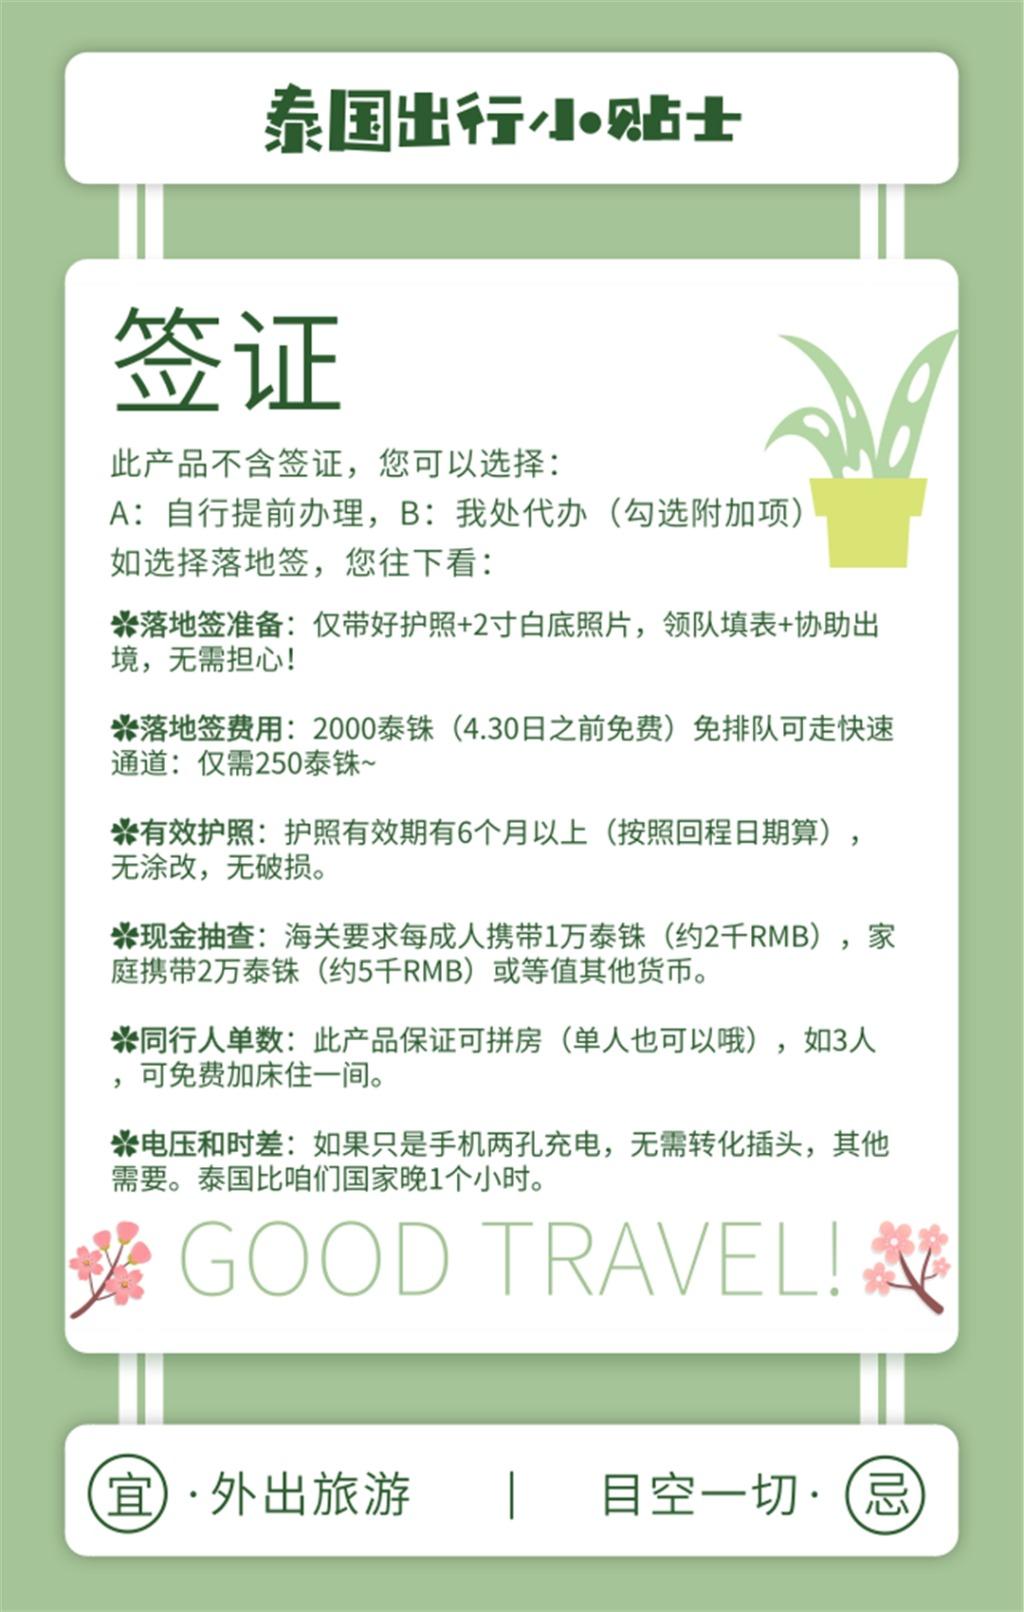 里拉下午茶+邓丽君半岛自助餐』升1晚清莱泳别墅醍酒店红图片